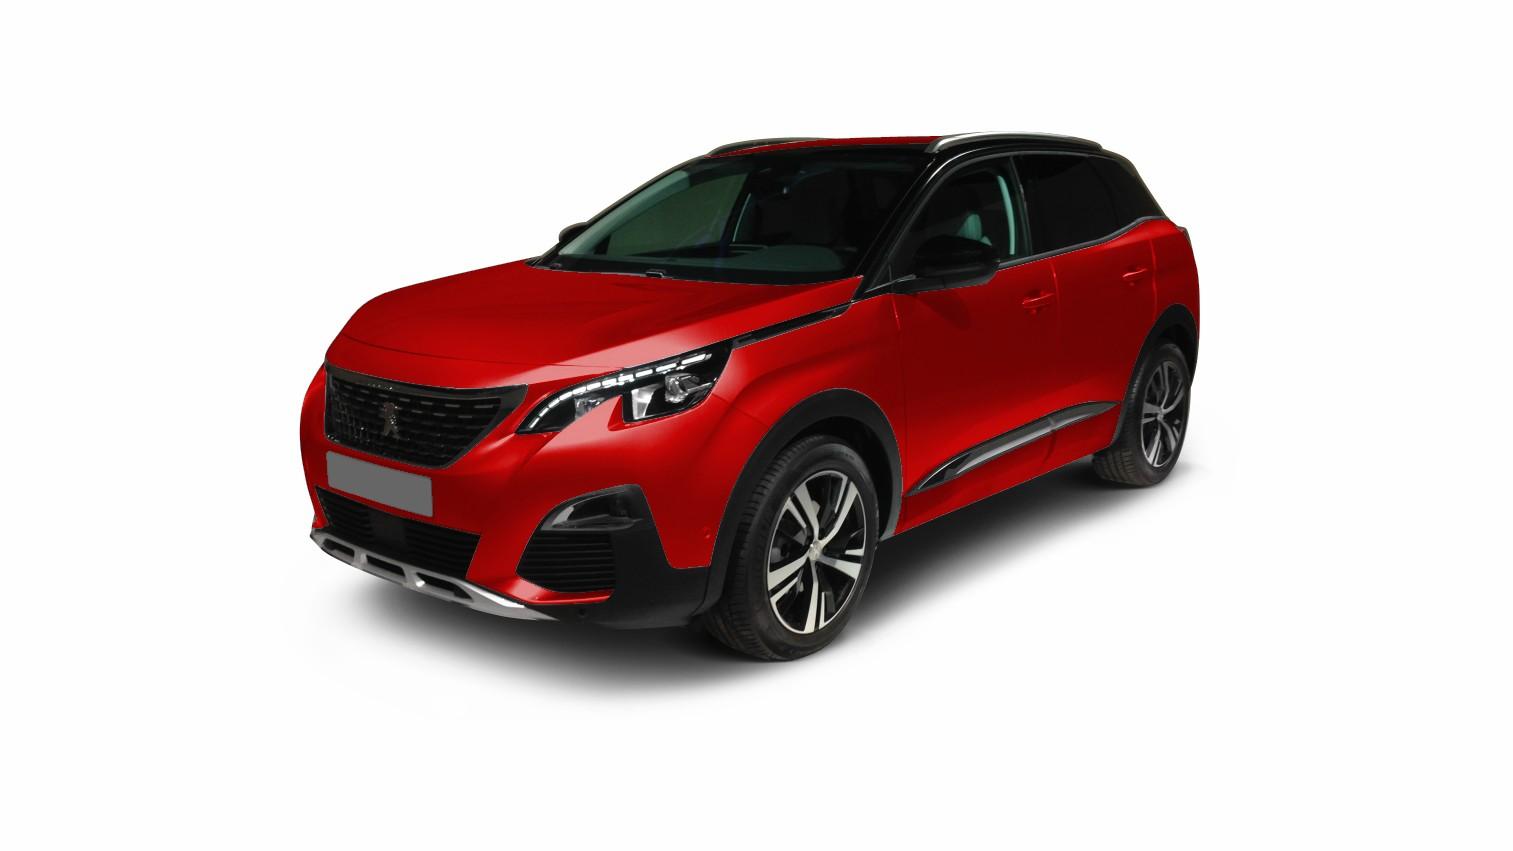 Acheter Peugeot 3008 Nouveau Allure Surequipe Allure Surequipe chez un mandataire auto